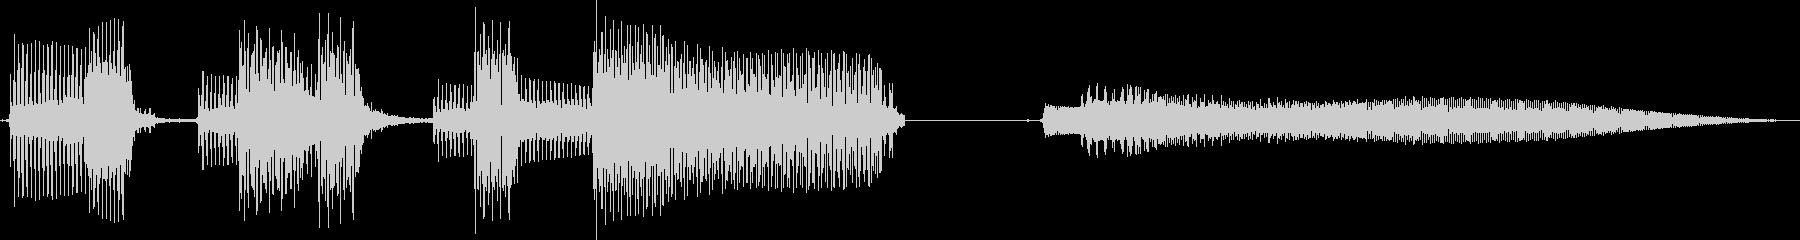 ベースの和音のみでまったりジングルの未再生の波形